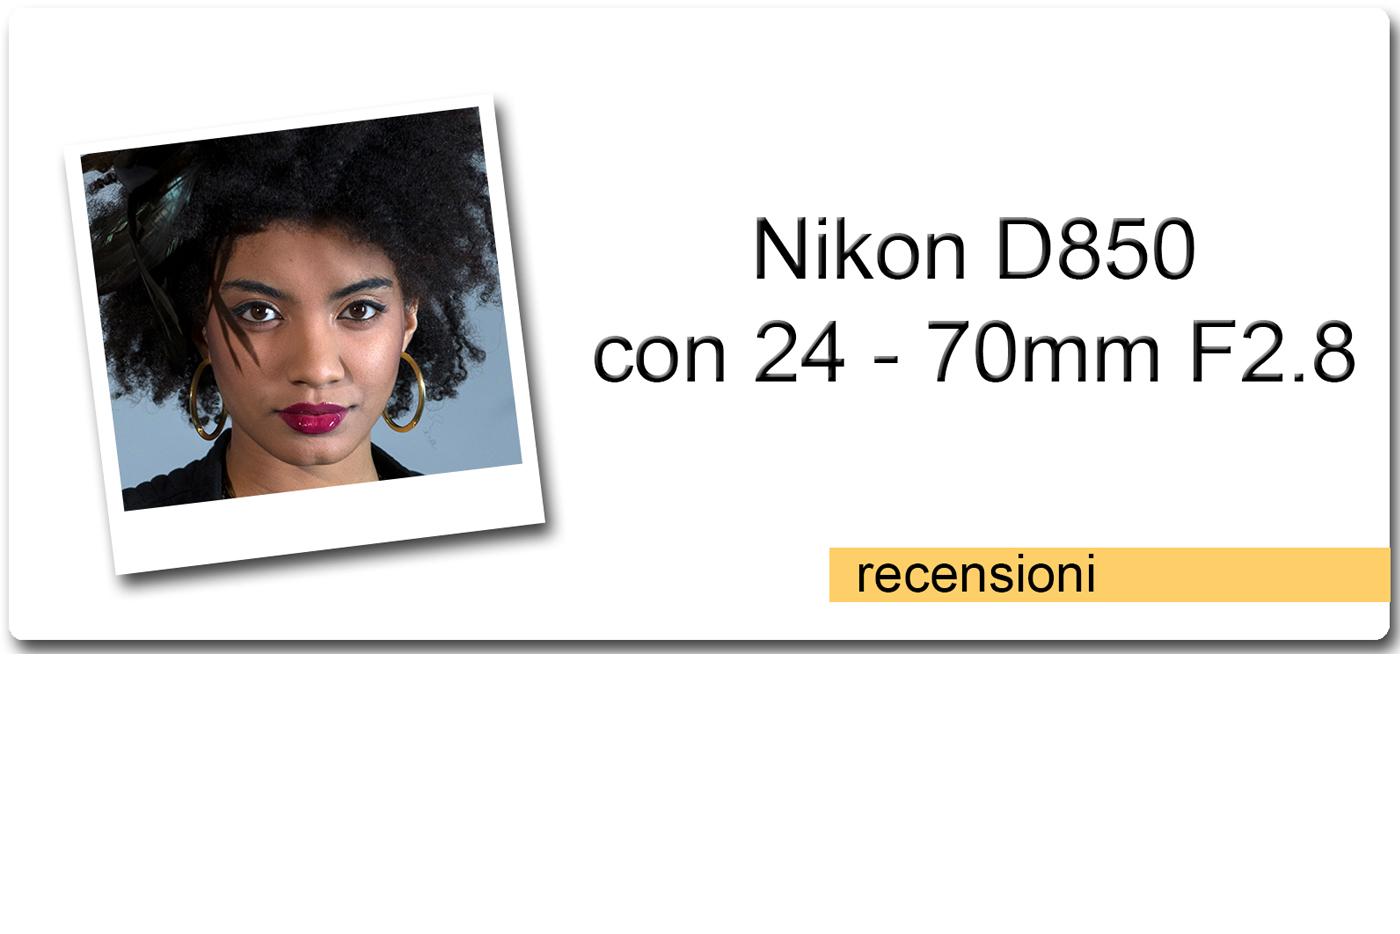 Nikon D850 + Nikkor AF-S 24-70mm F2.8 ED